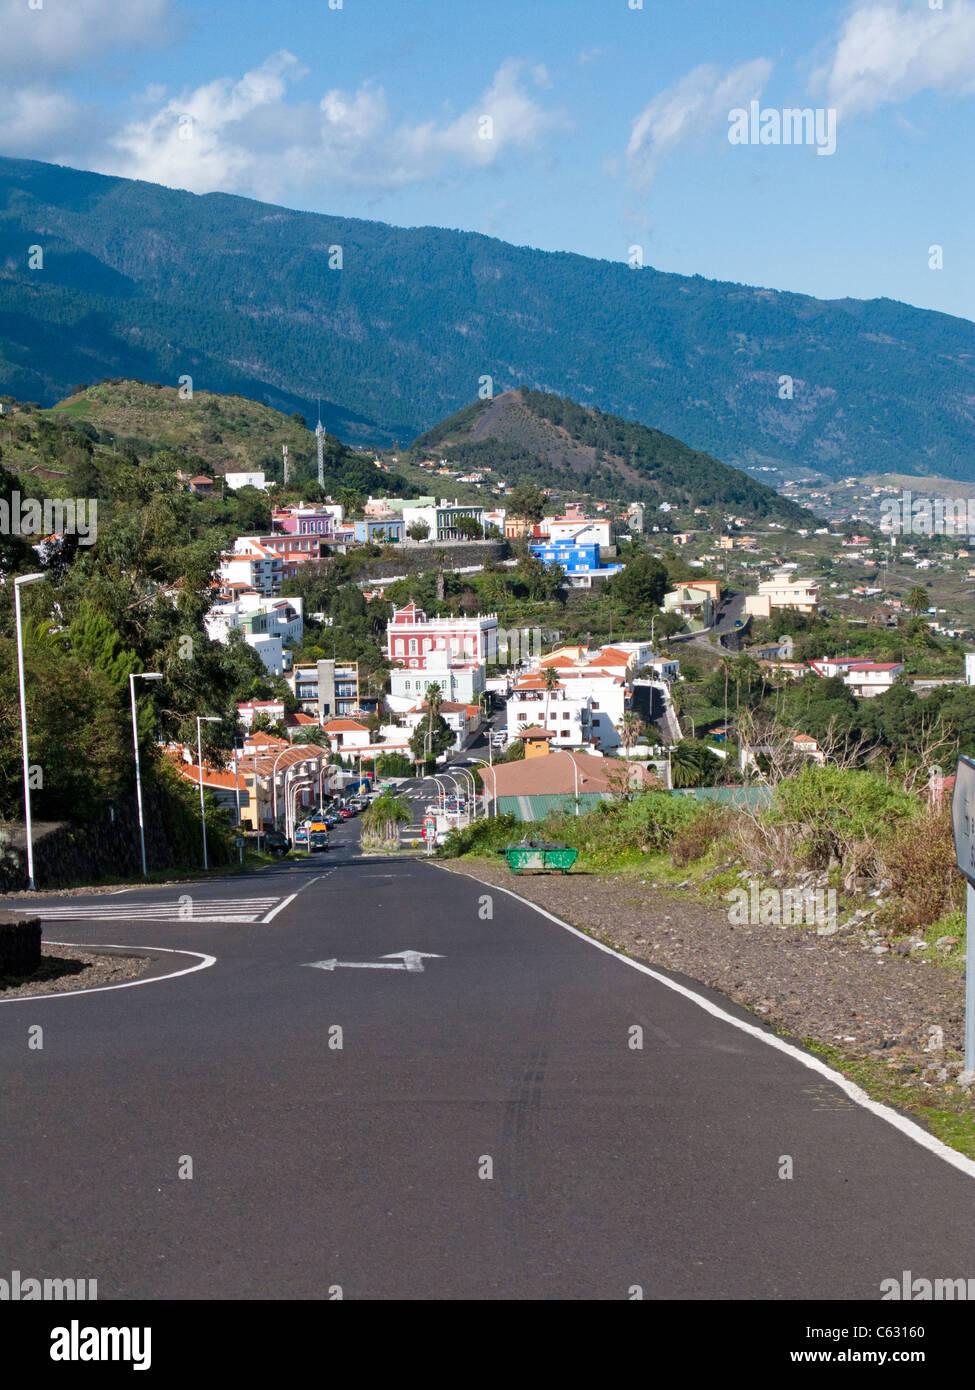 Typisches kleines kanarisches Dorf, Mazo, La Palma, Kanarische Inseln, Spanien, Europa Stockbild